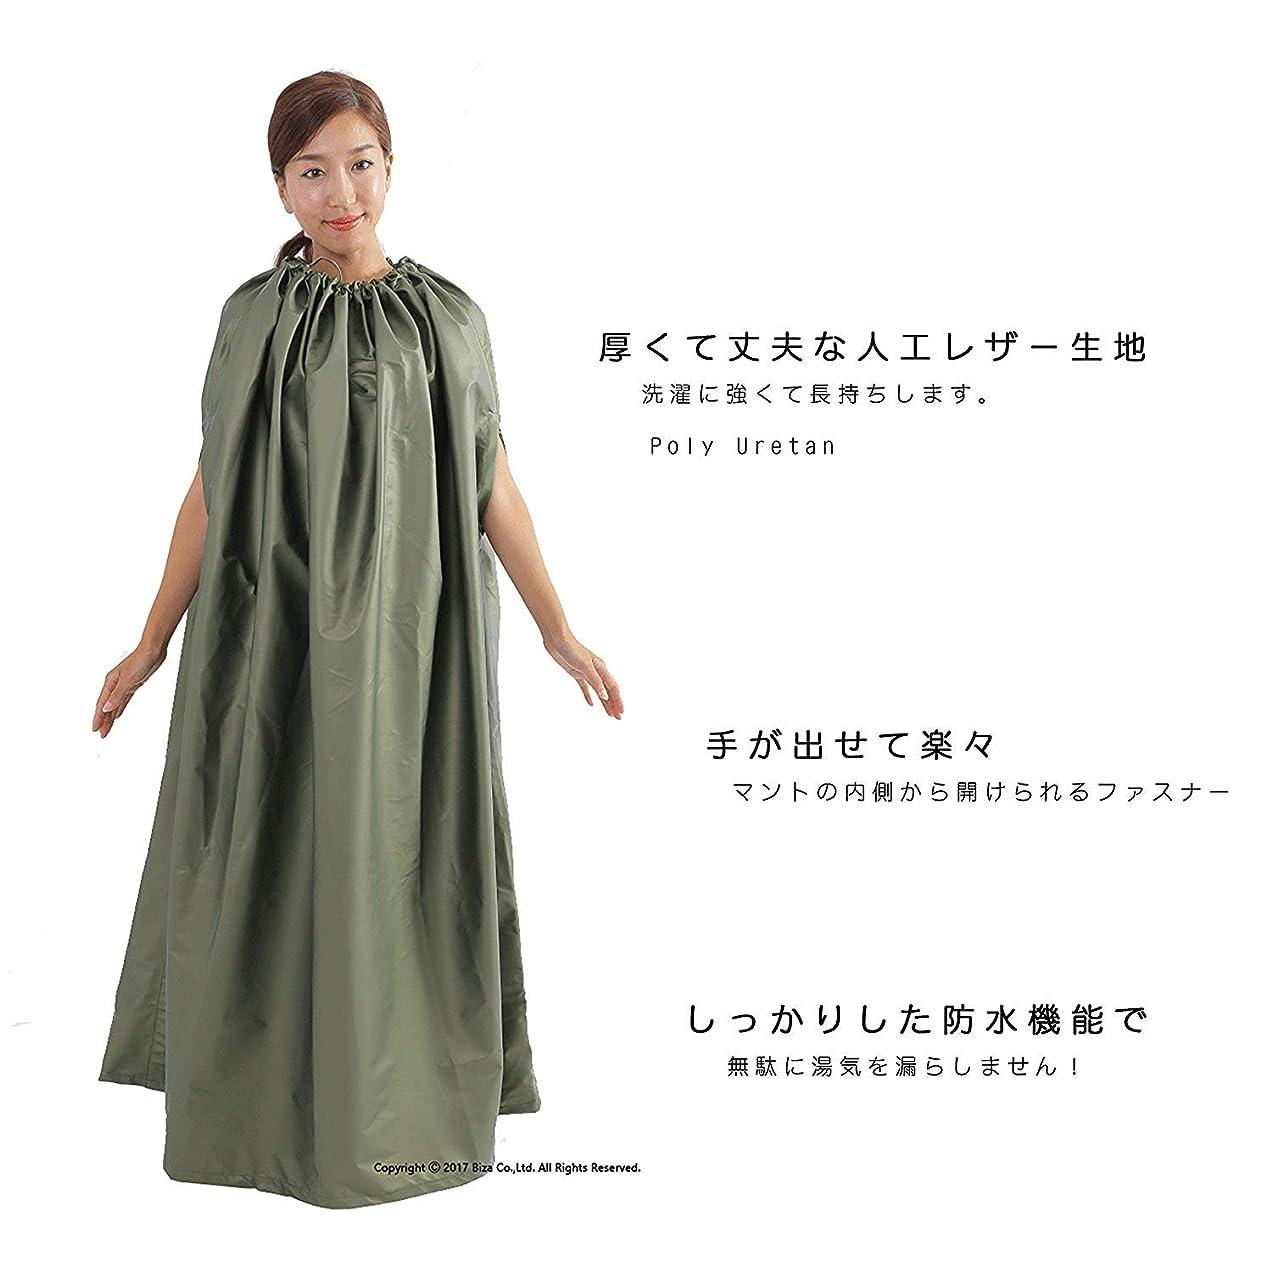 夢告発者優雅新品 ヨモギ蒸しマント 高級型、布 色はカーキ